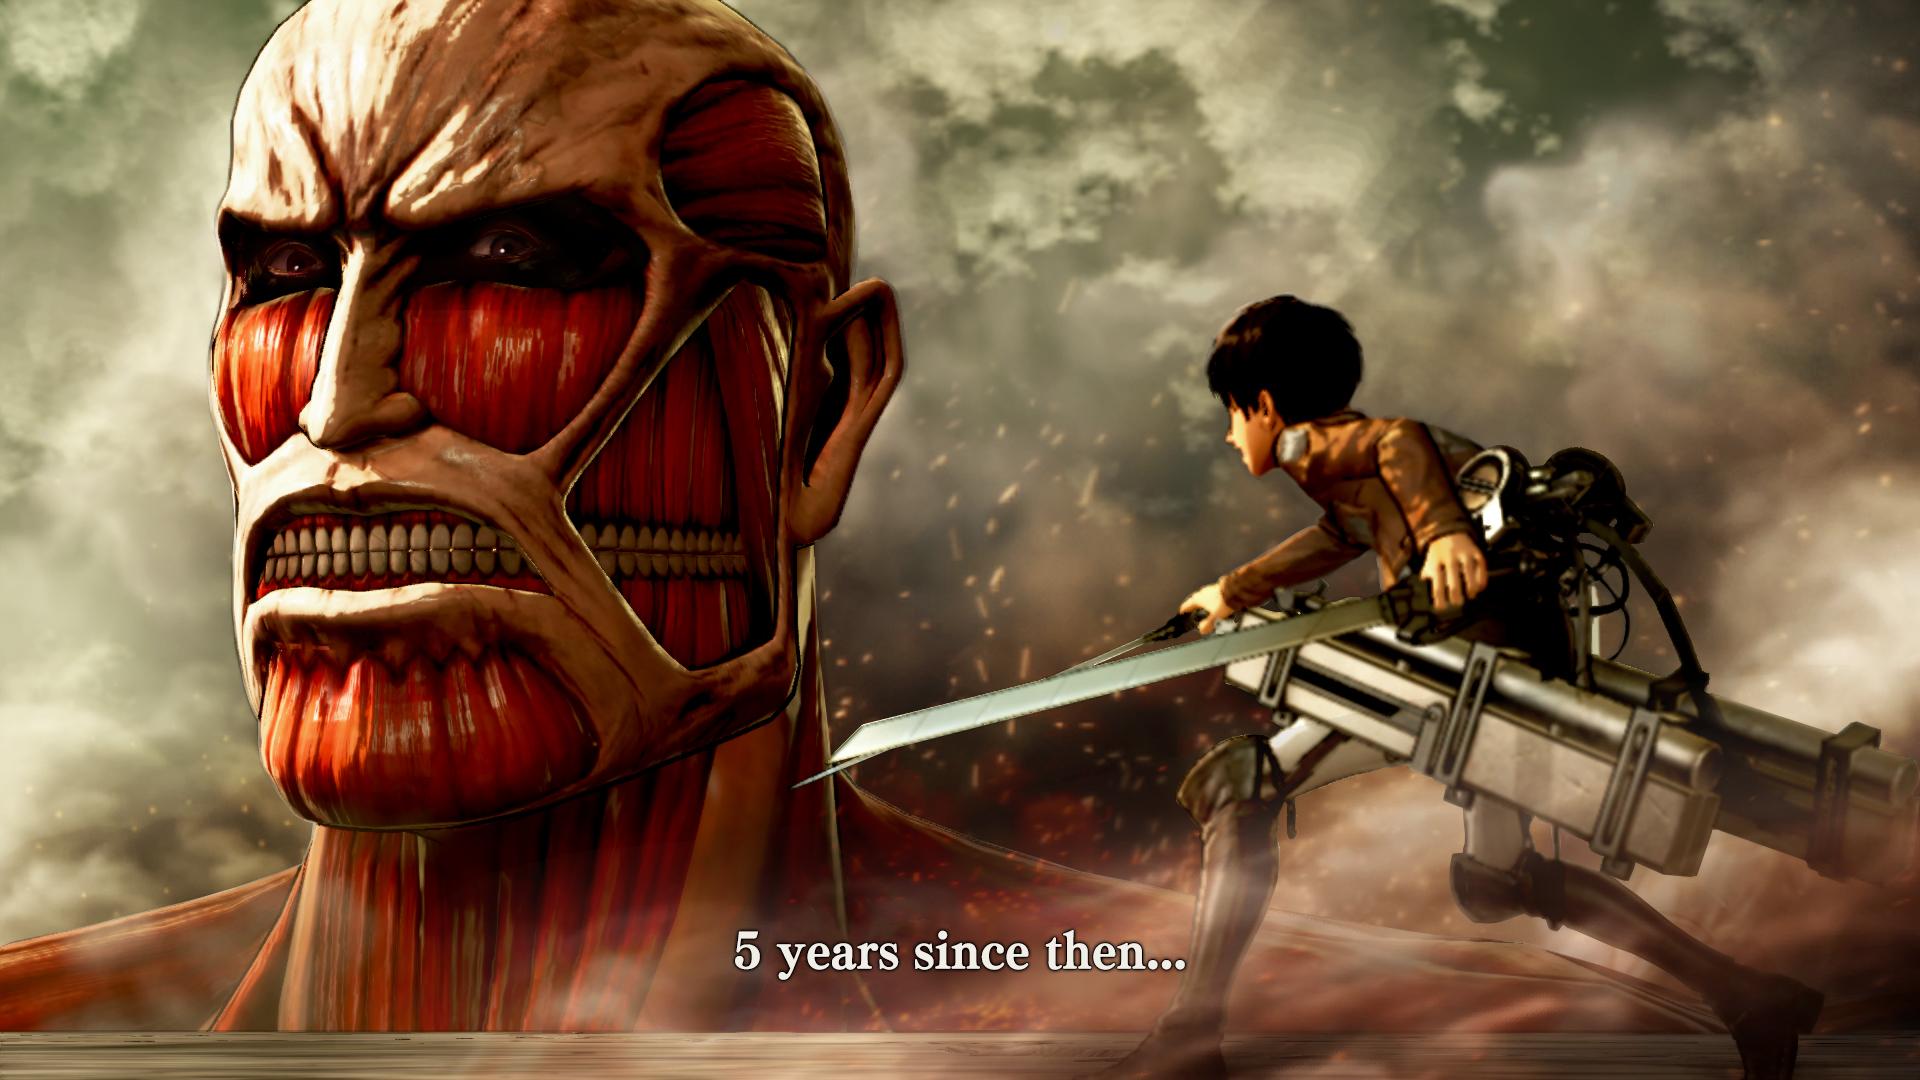 Attack on Titan vychází v srpnu také na Xbox One a PC 122003